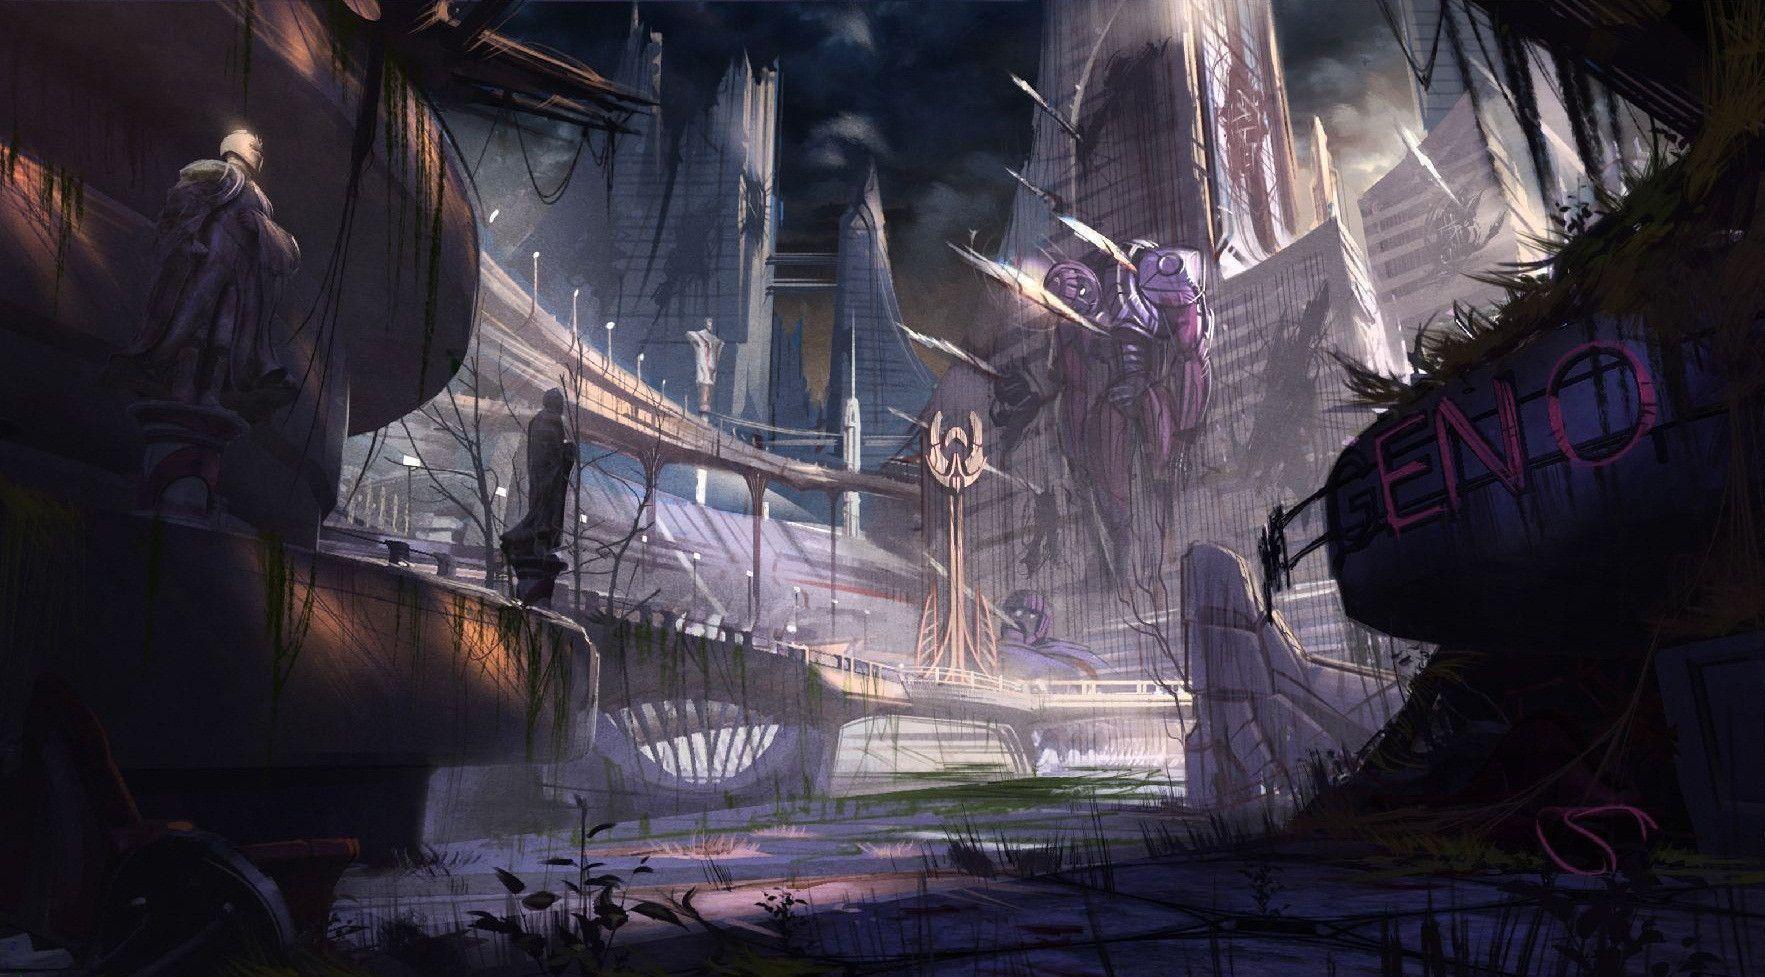 gamer wallpaper art d5aomlw - photo #3